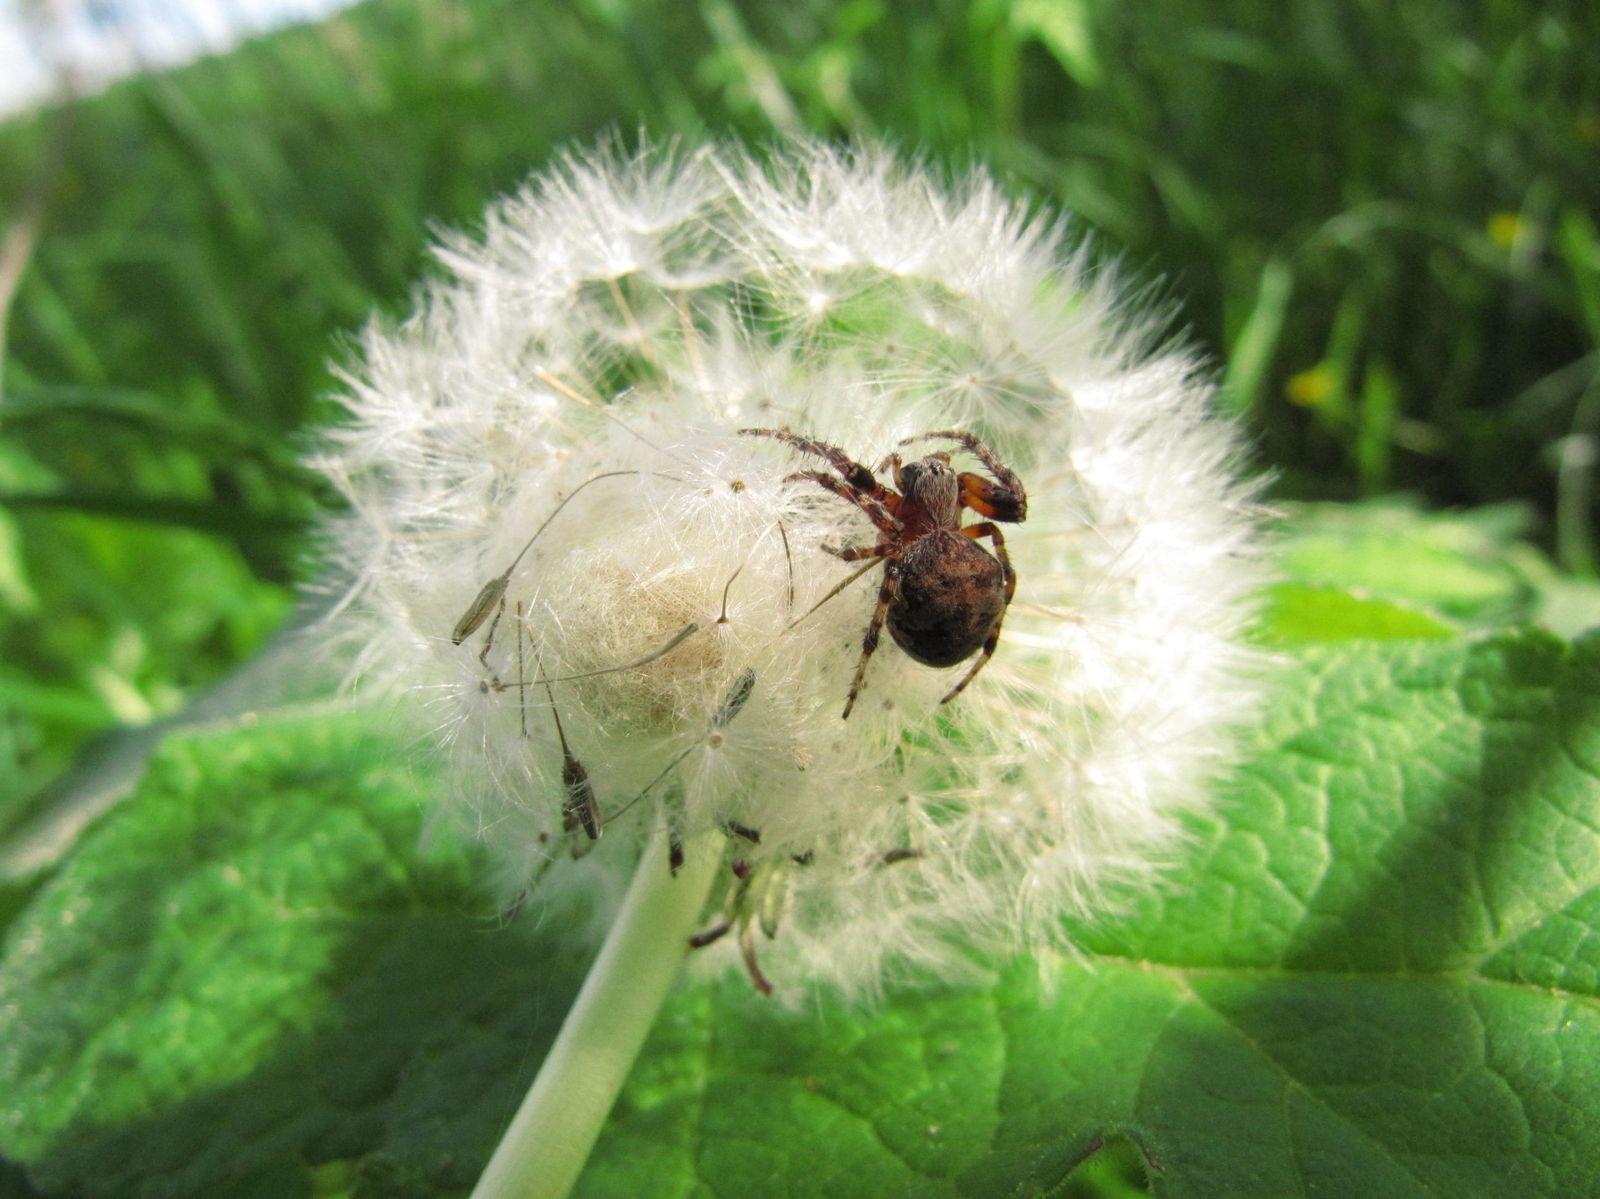 Pas de nom français pour cette Aranaeidae .. Je l'ai trouvée sur les akènes de cette fleur de pissenlit, où on peut voir sa pouponnière - c'est la boule de soie sur sa gauche.